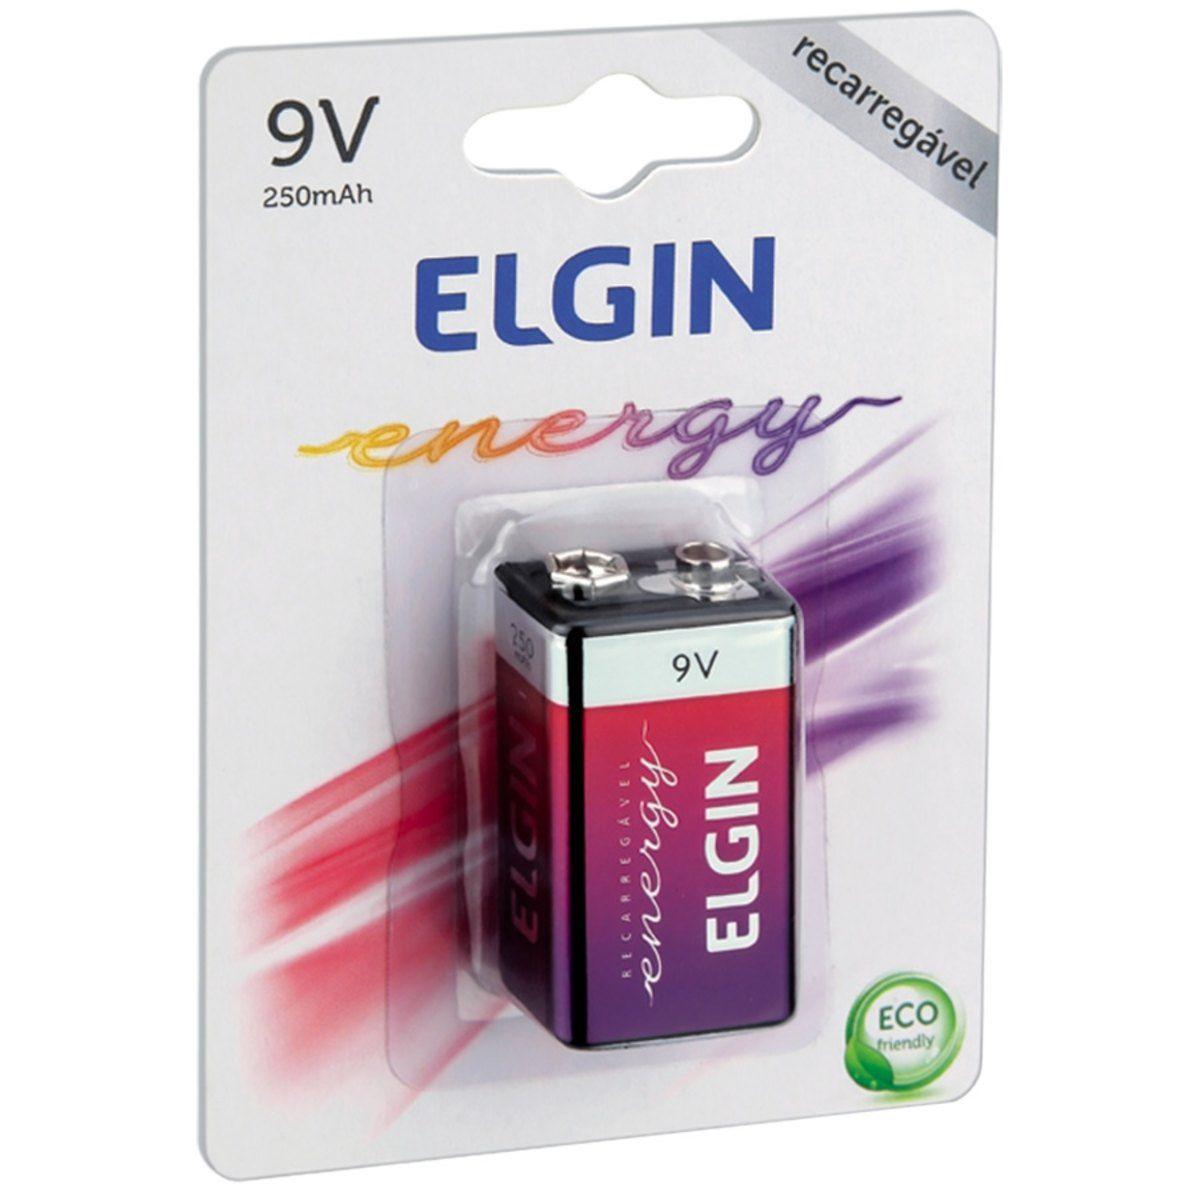 01 Bateria 9V 250mAh Recarregável ELGIN - 01 cartela com 1 unidade